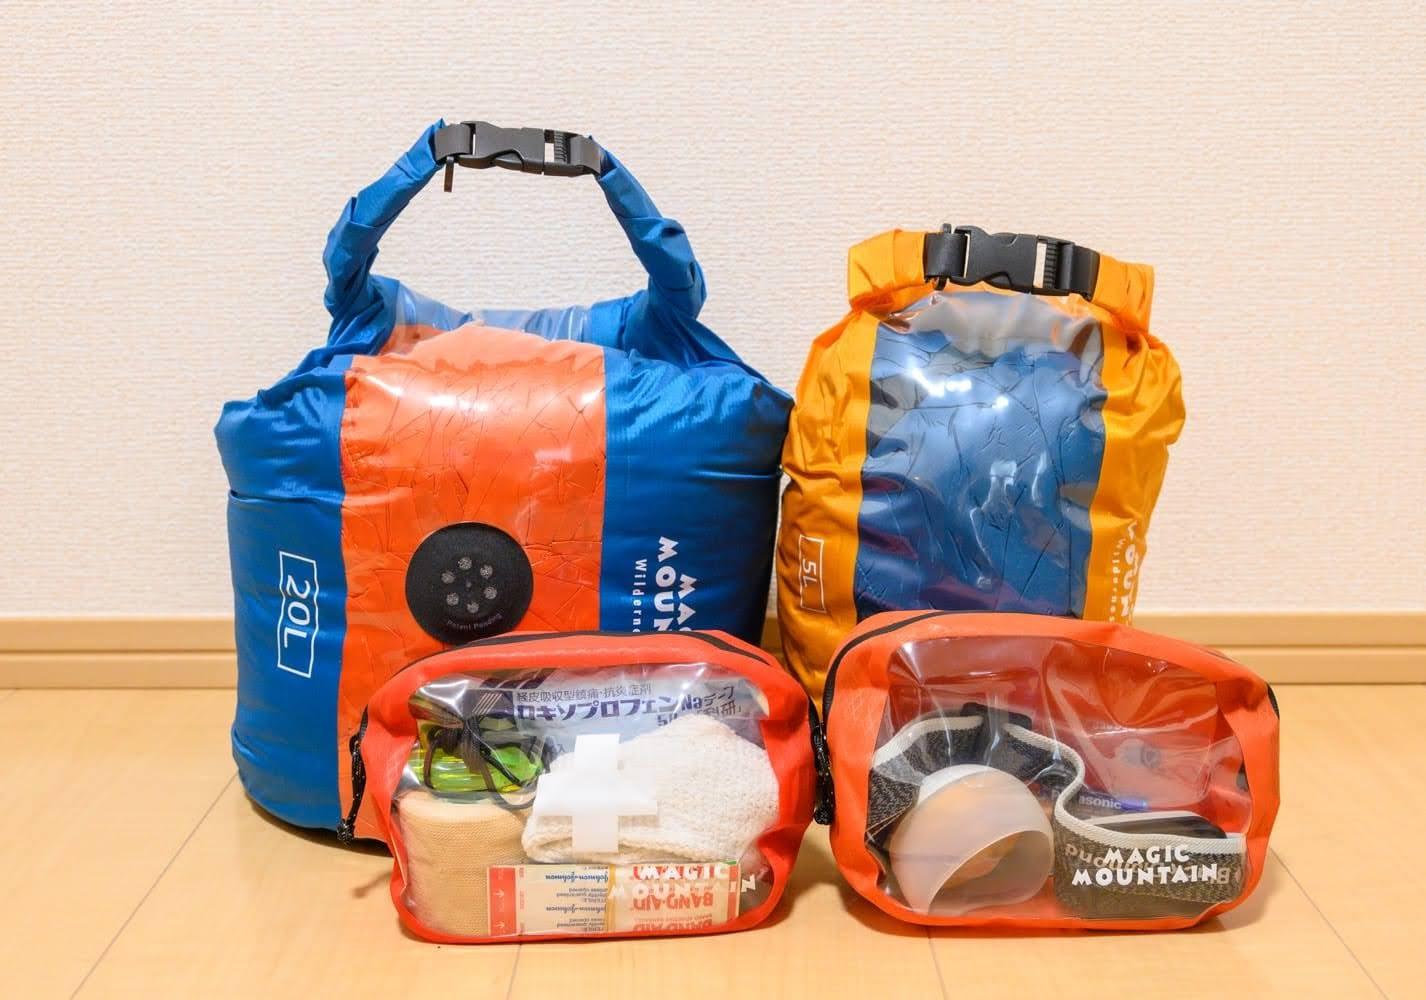 登山のポーチやスタッフバッグに「防水&透明で中身が見える」マジックマウンテンが超おすすめ